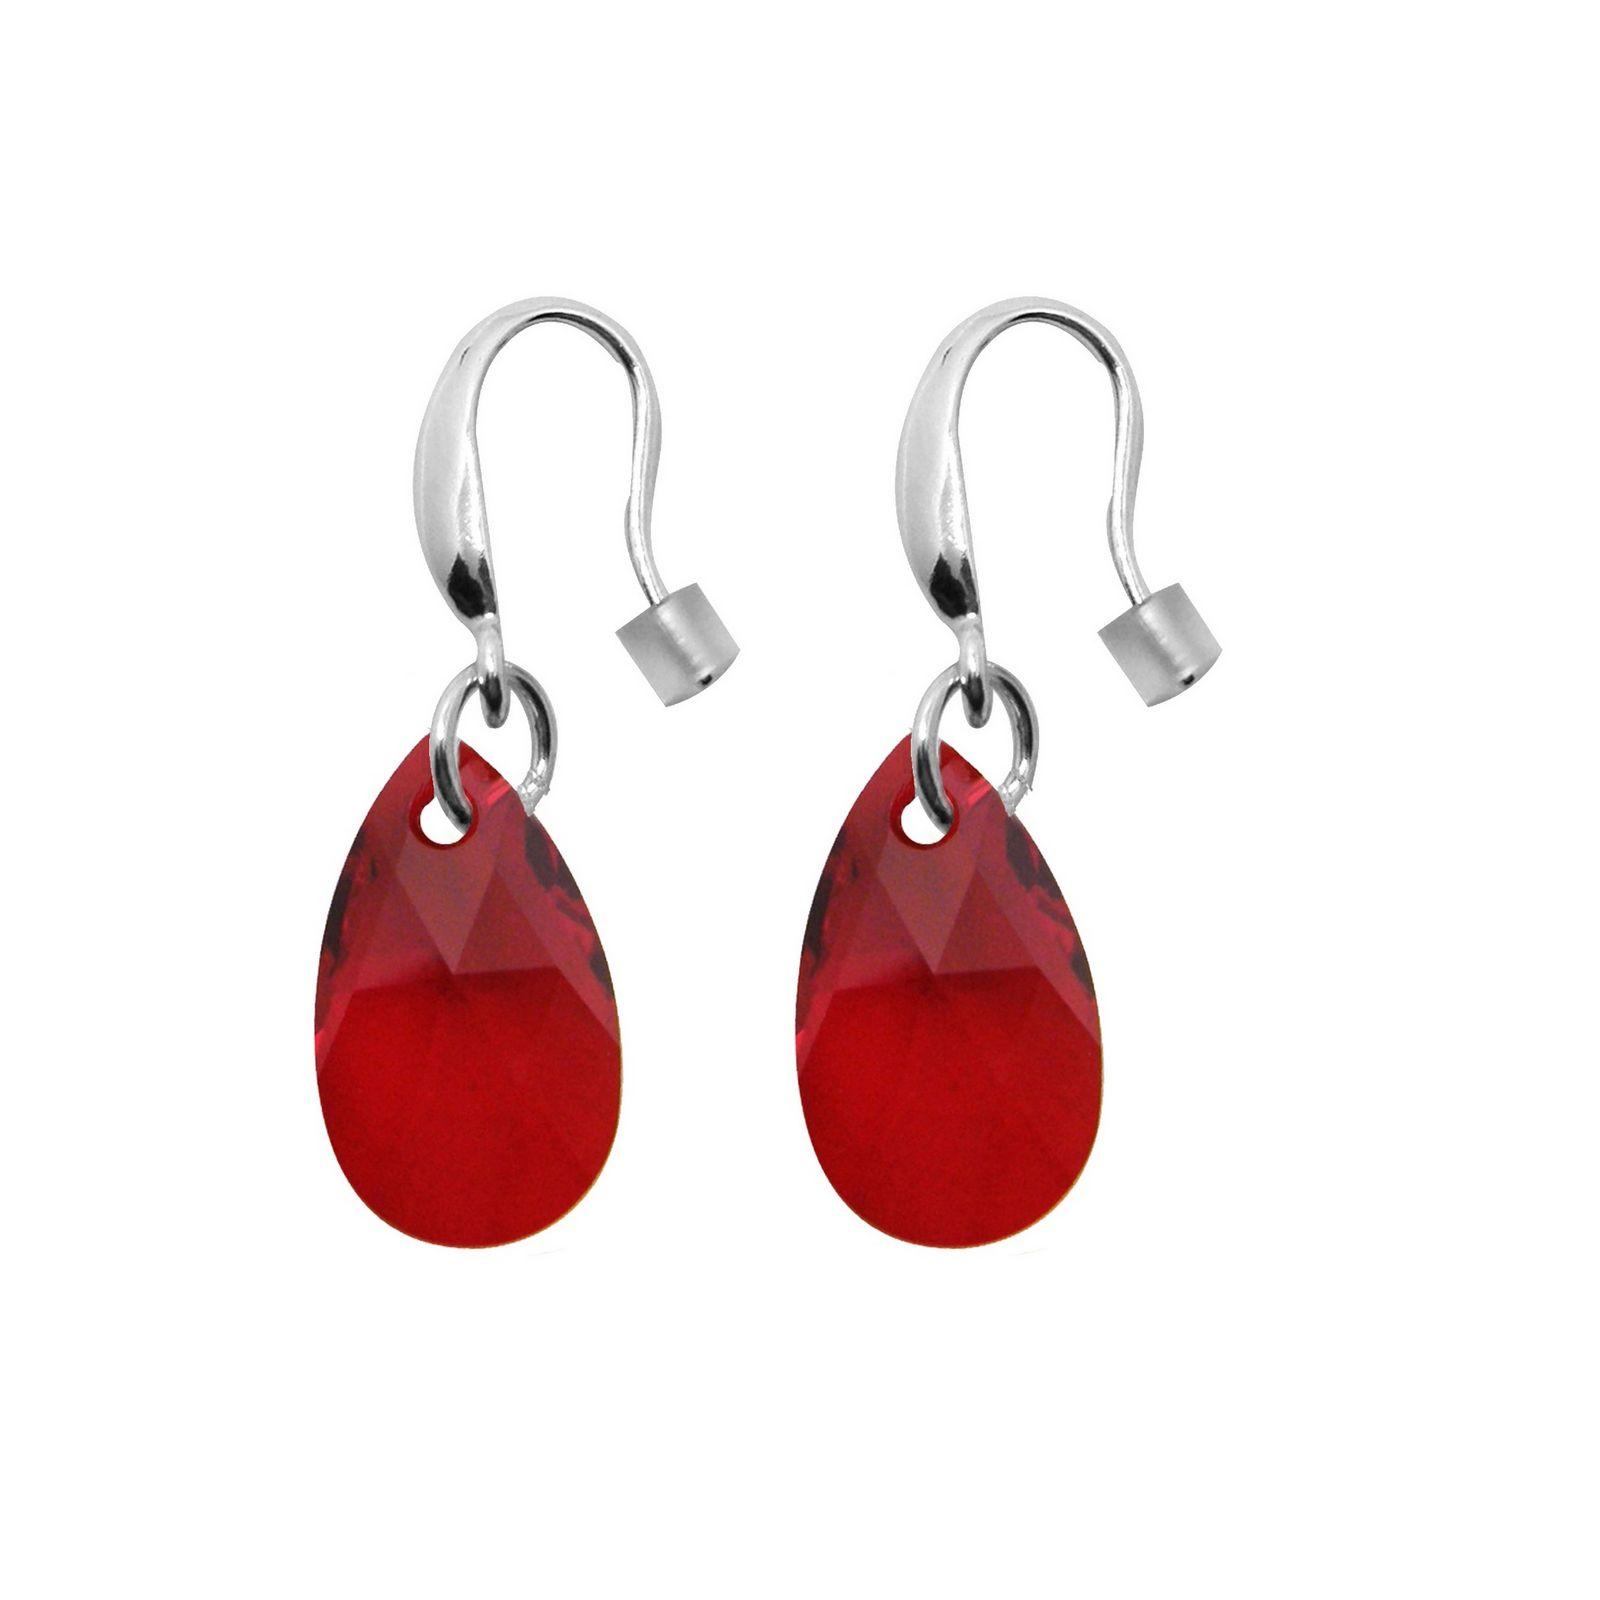 Boucles d'oreilles Indicolite Larme en argent et cristaux Swarovski rouges